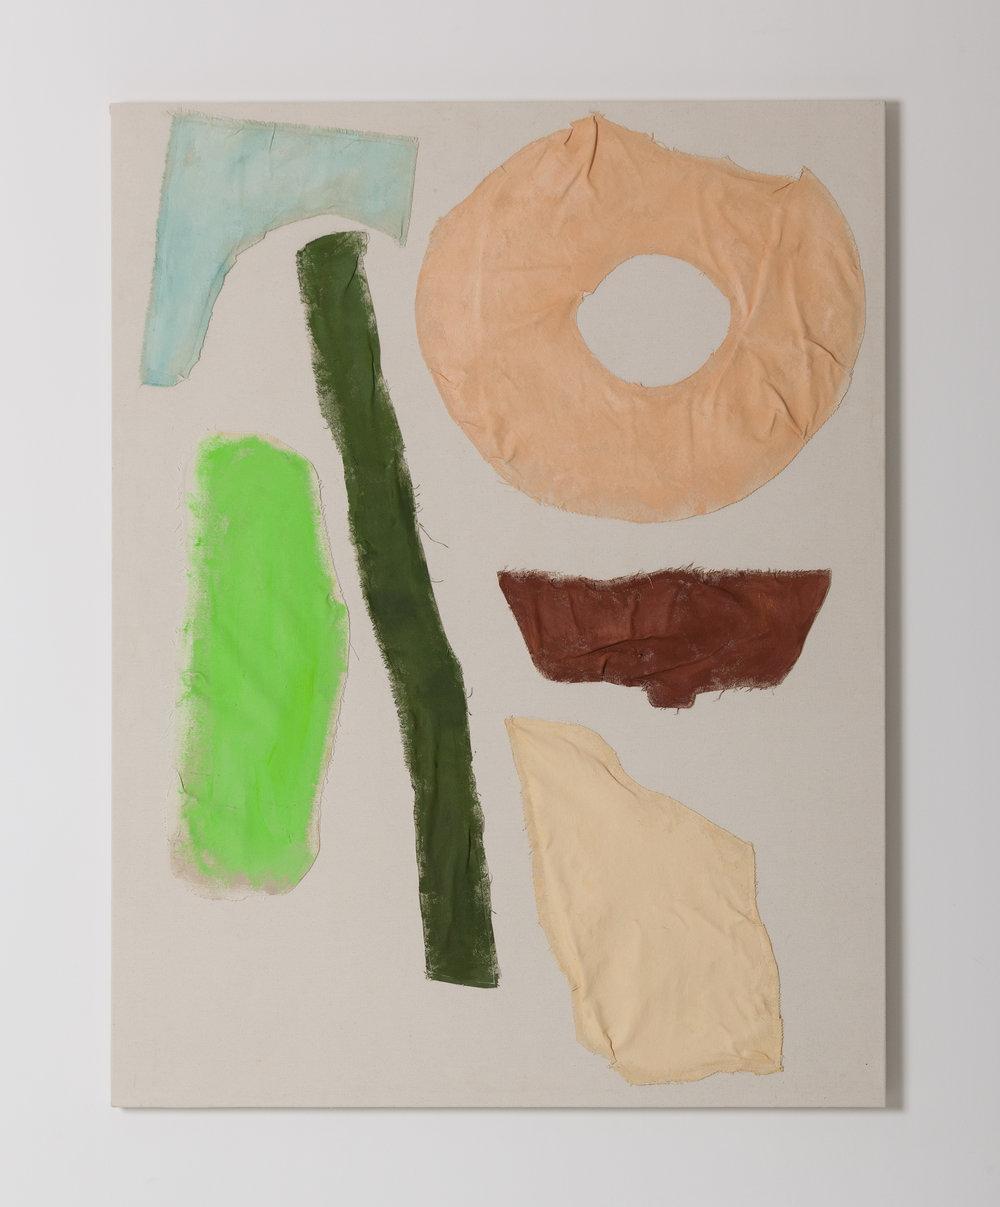 Doughnuts, Dustpan, Marble, Wood | 130 x 100 cm | Acrylic on Canvas